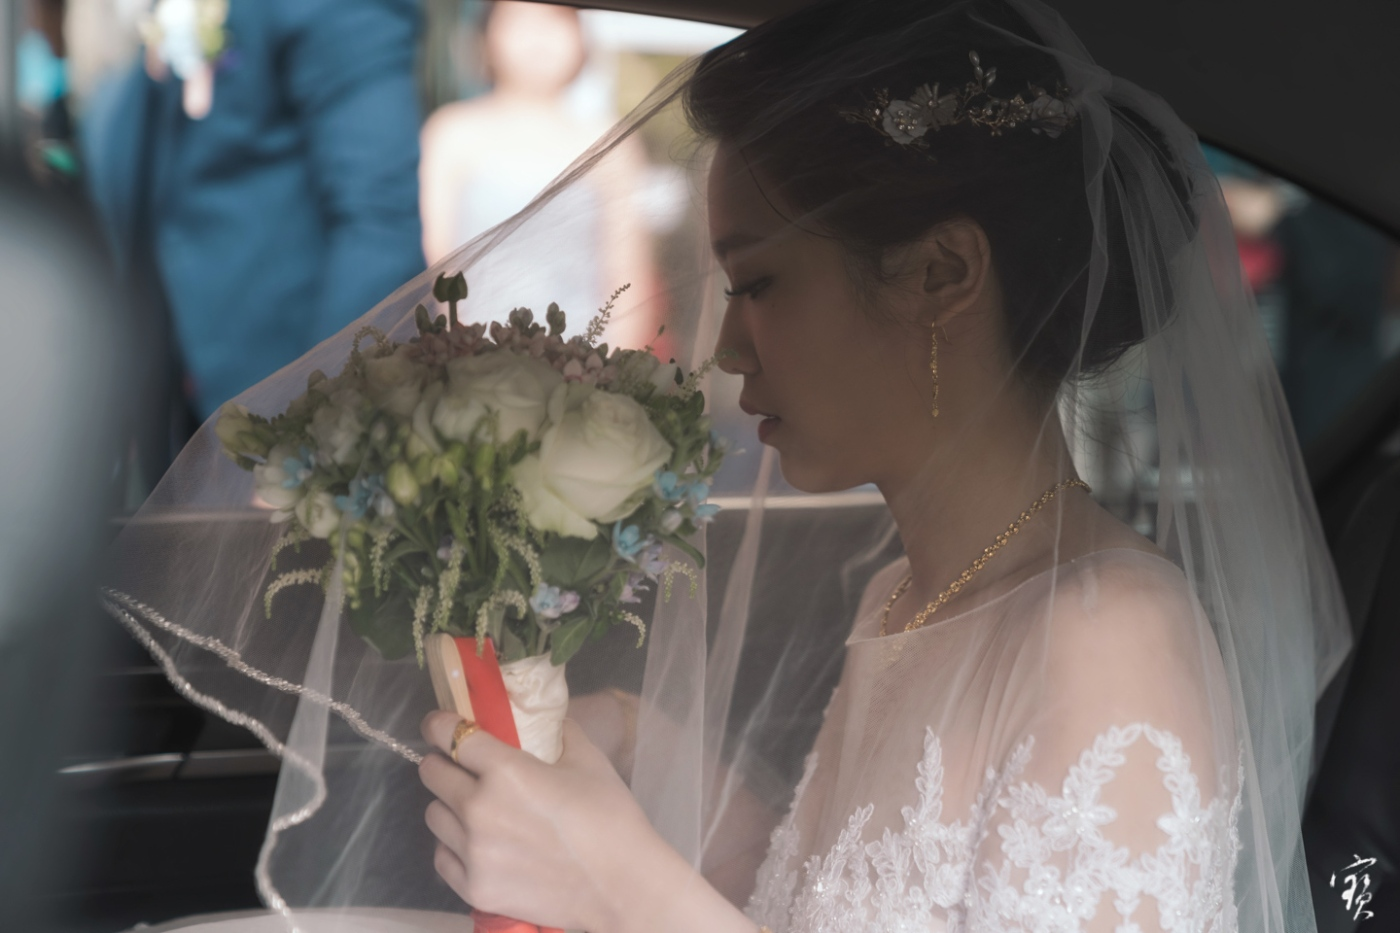 婚禮攝影 婚紗 大直 典華 冬半影像 攝影師大寶 北部攝影 台北攝影 桃園攝影 新竹攝影20181208-219